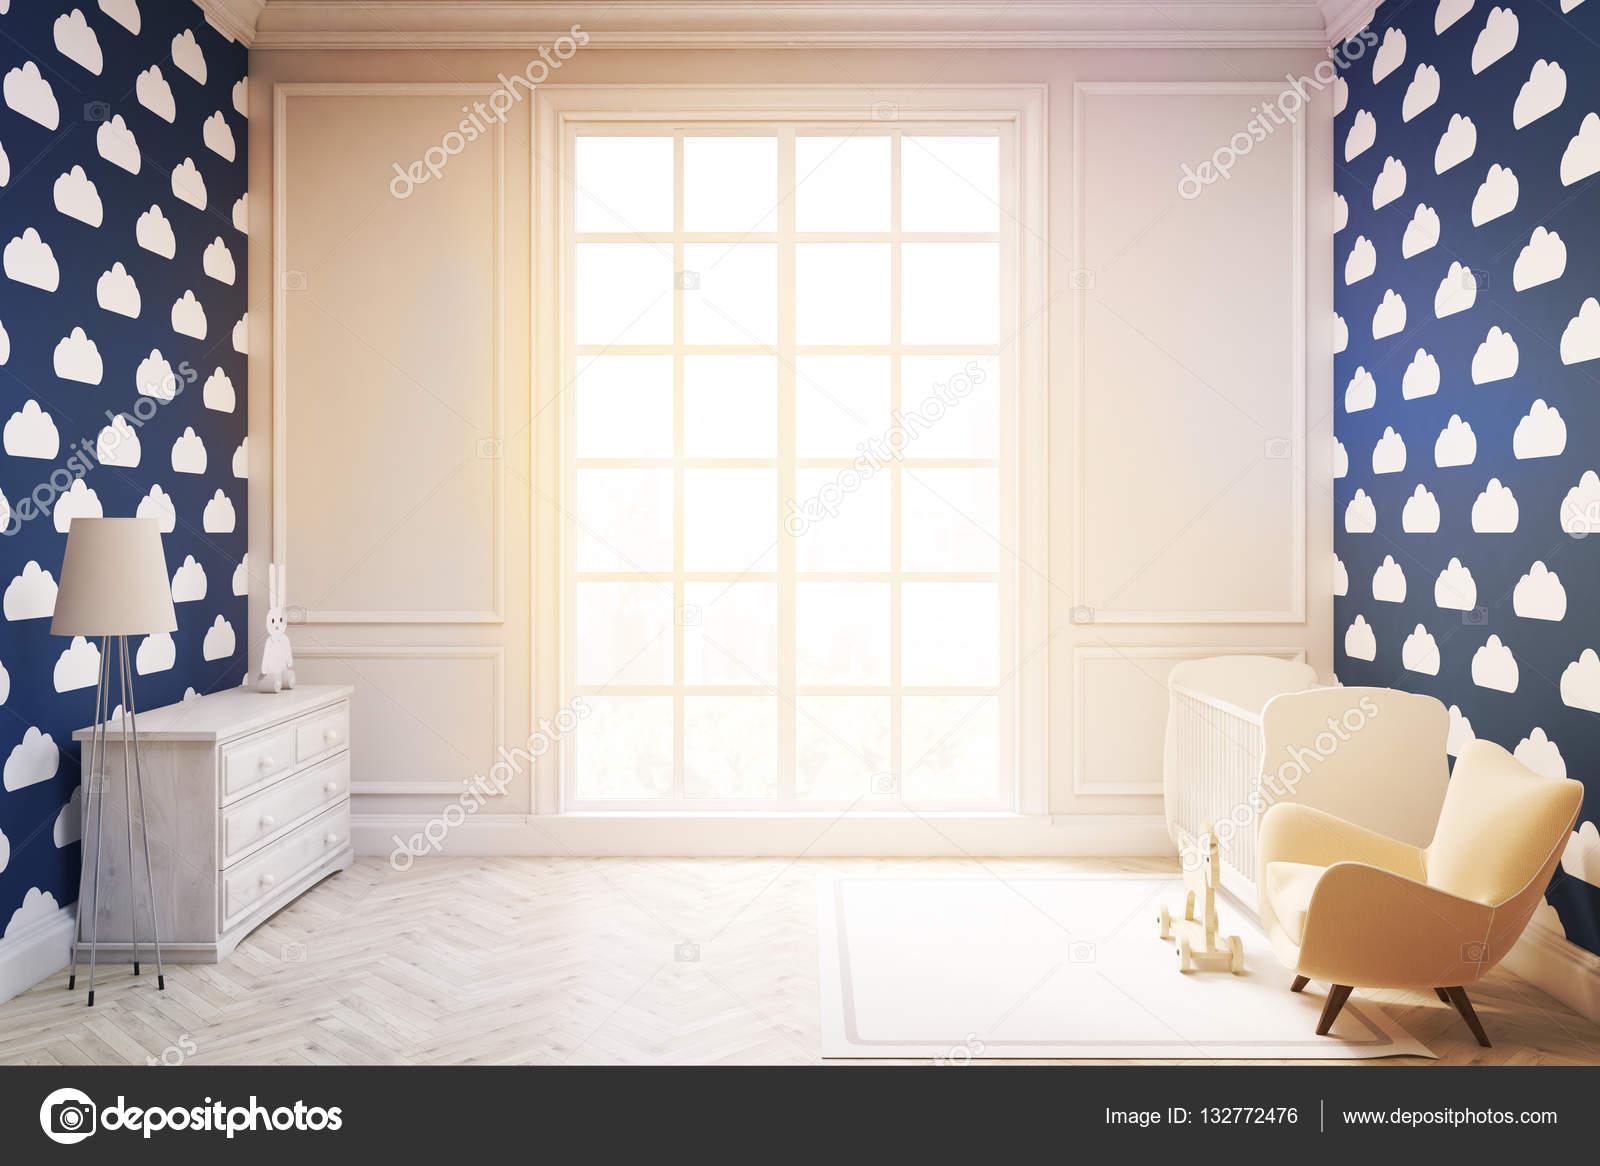 Kinderzimmer mit Wolke Tapete auf dunklen blauen Wand, getönt ...